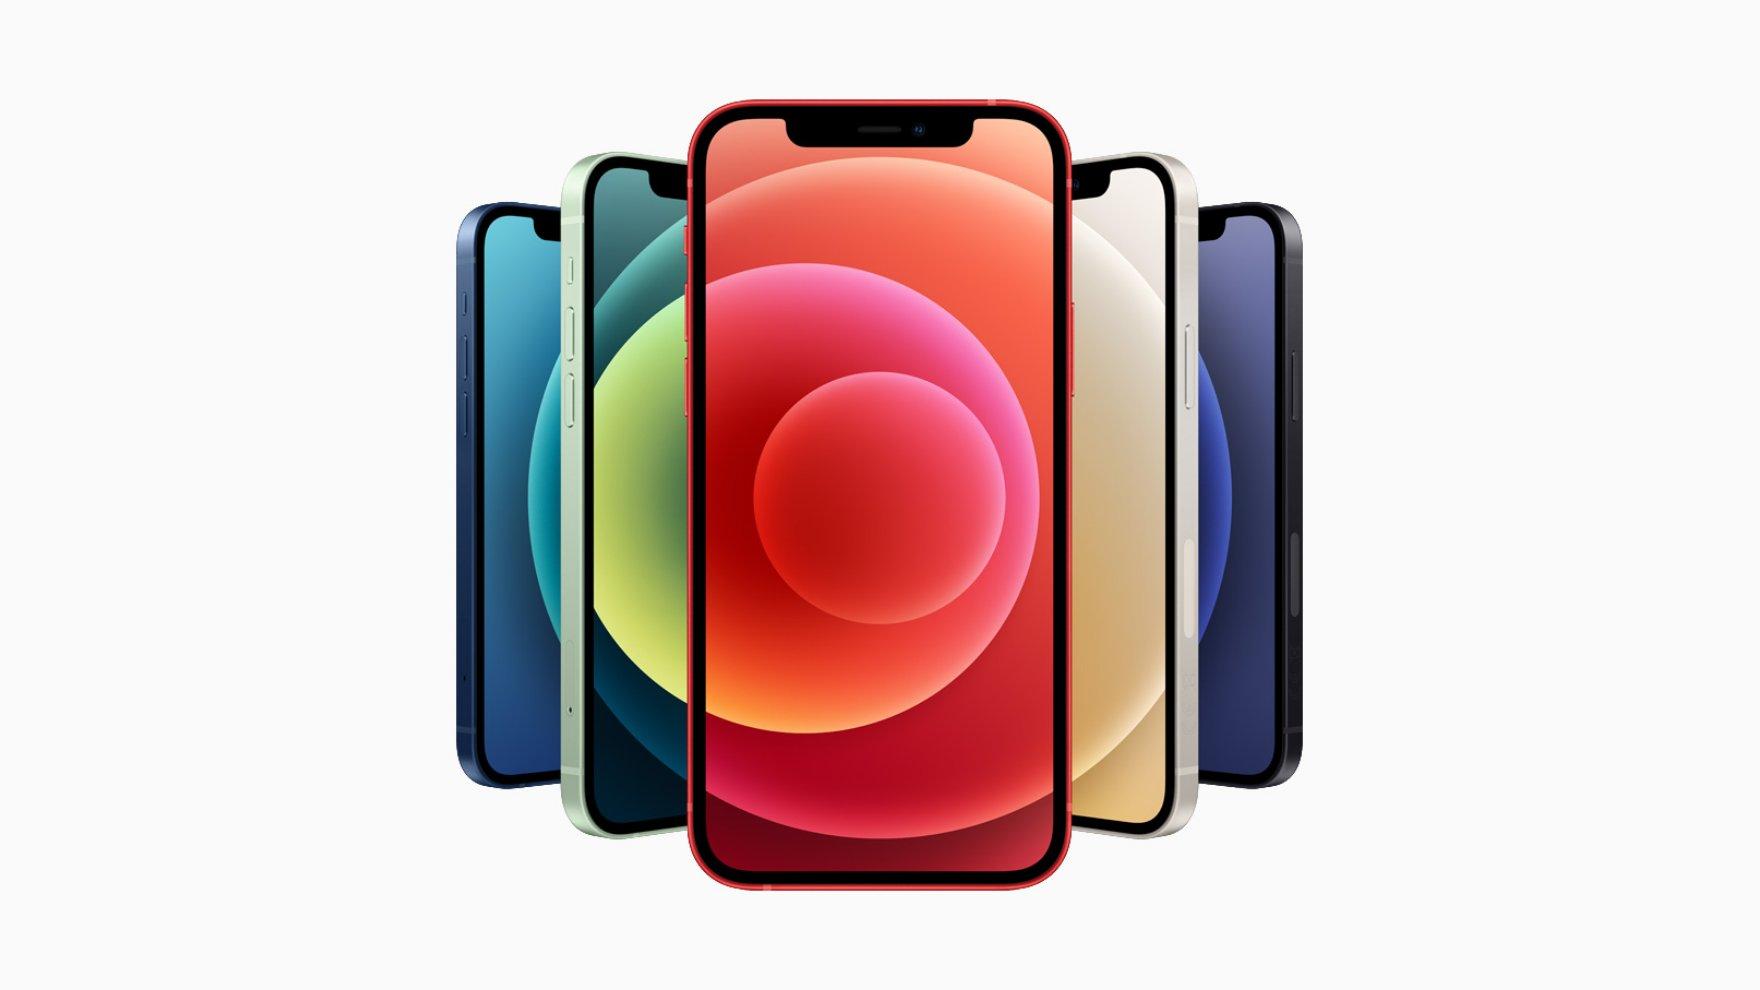 De acuerdo al estudio, el nuevo iPhone 12 impulsó las ventas de Apple